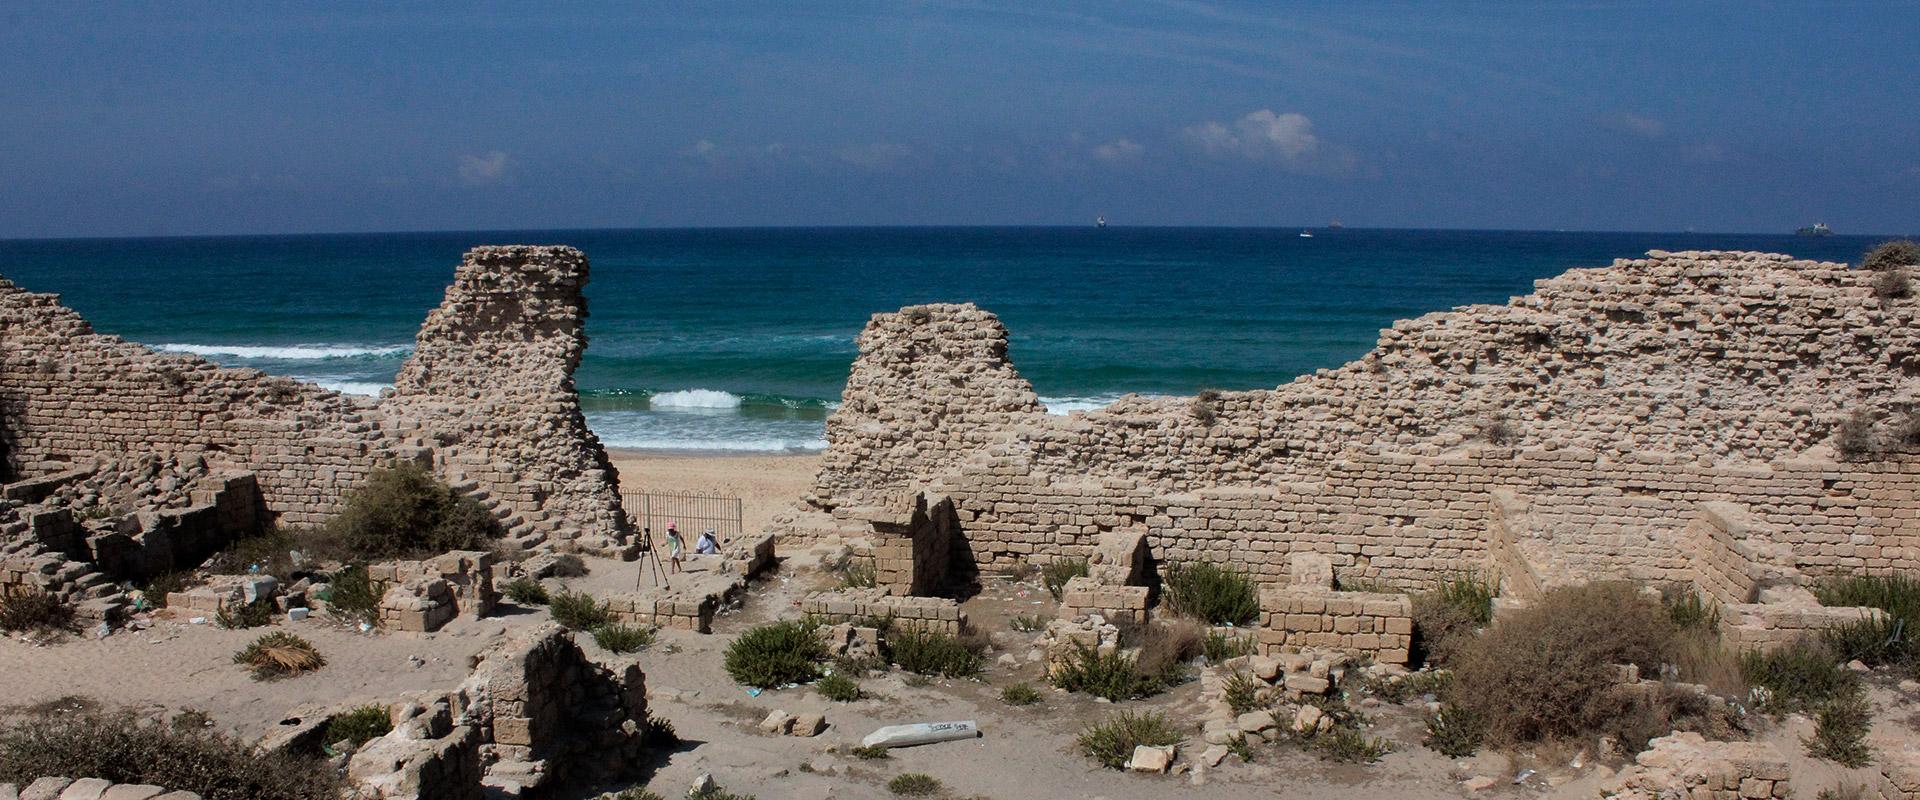 上图:位于地中海边的亚实突遗址。现代的亚实突已经成为以色列的第6大城市,亚实突港是以色列第一大港口。